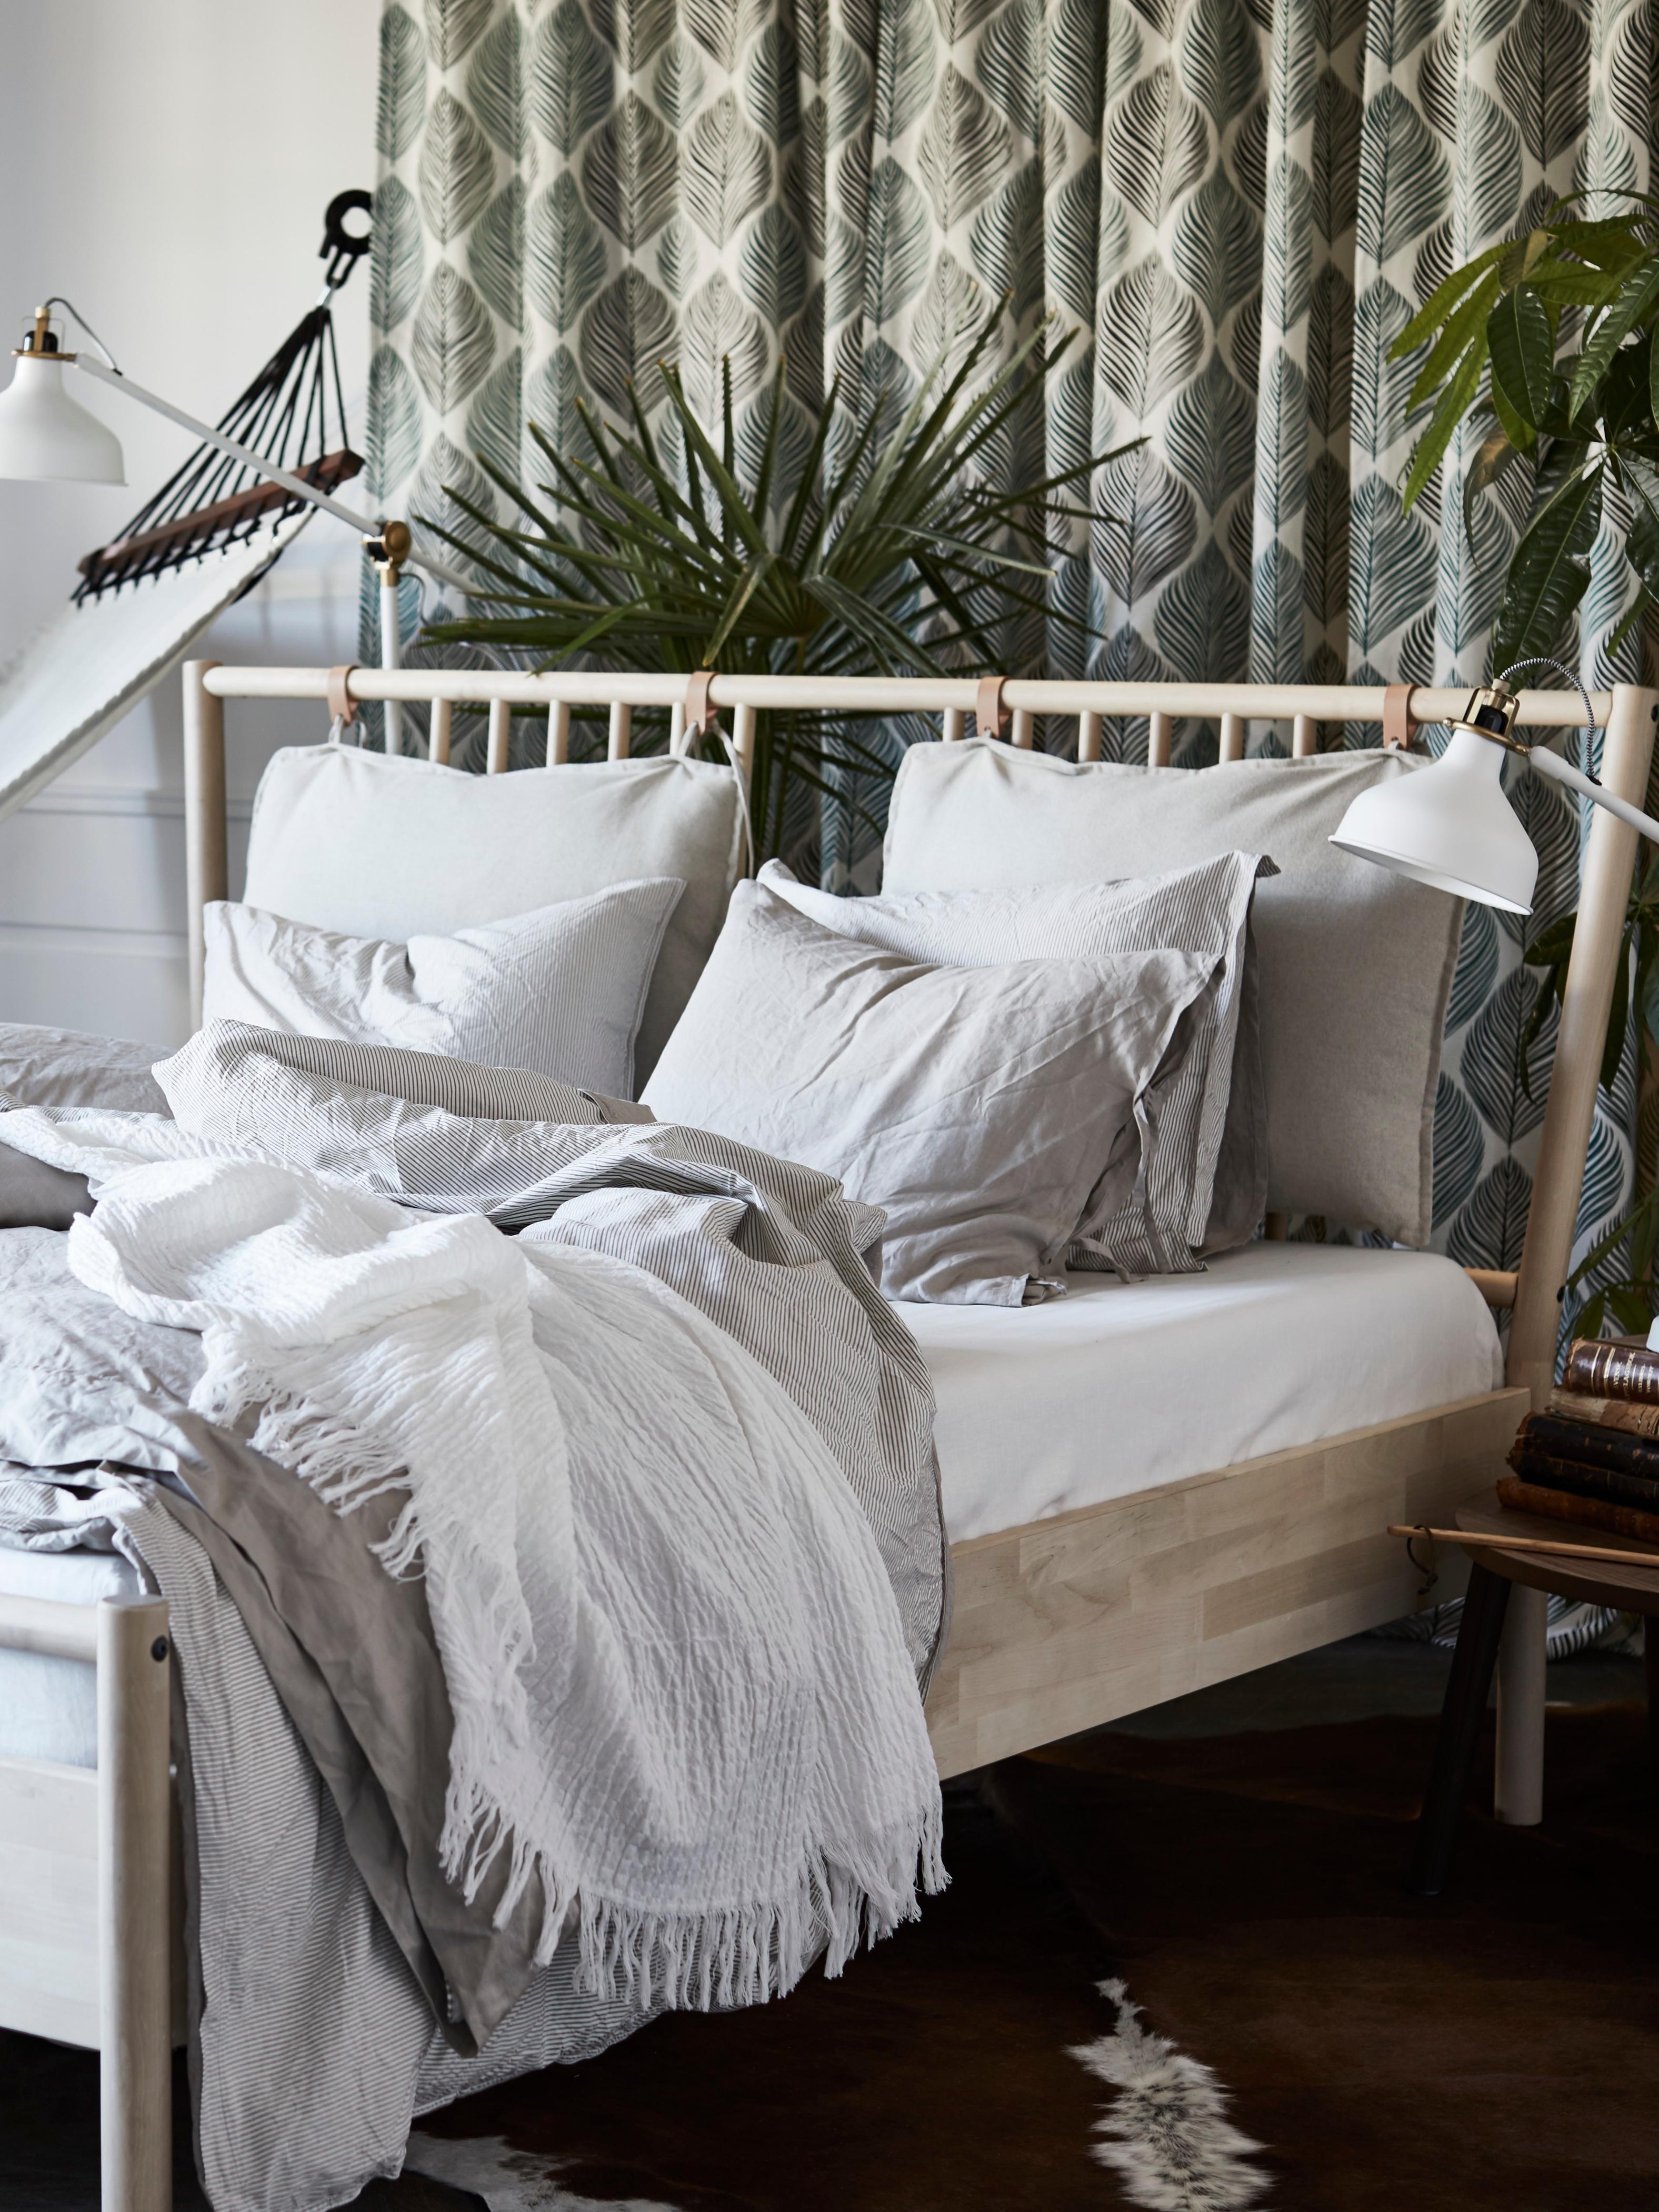 BJÖRKSNÄS okvir kreveta od brezovine s jorganskom navlakom bež boje, na tepihu od goveđe kože pored mrežaste ležaljke u spavaćoj sobi s biljkama.